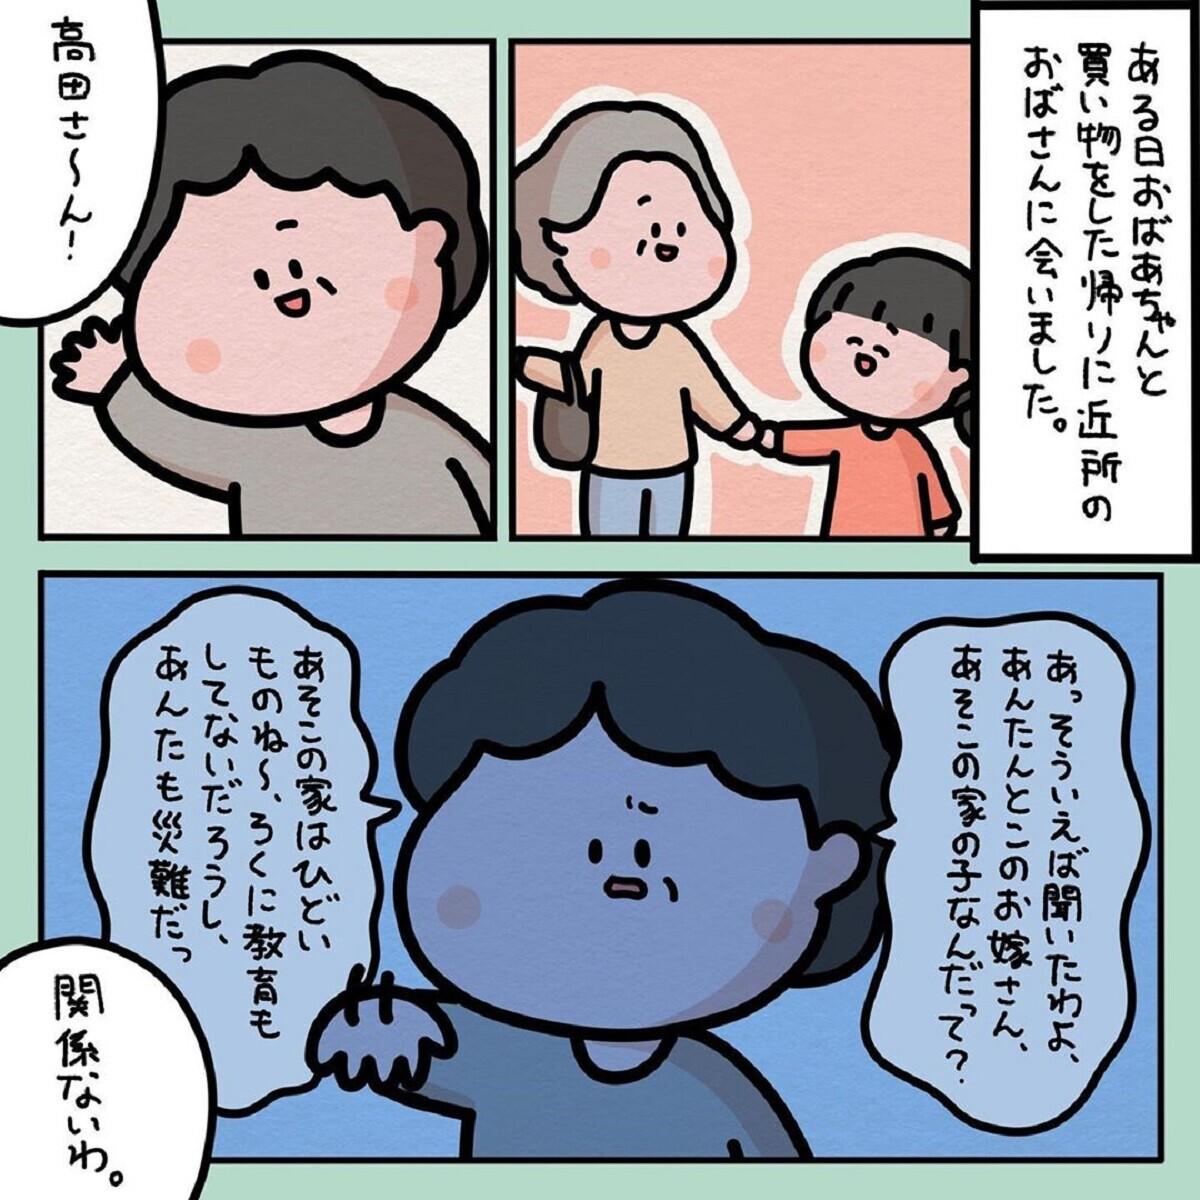 ある日、おばあちゃんと買い物をした帰りに近所のおばさんに会いました